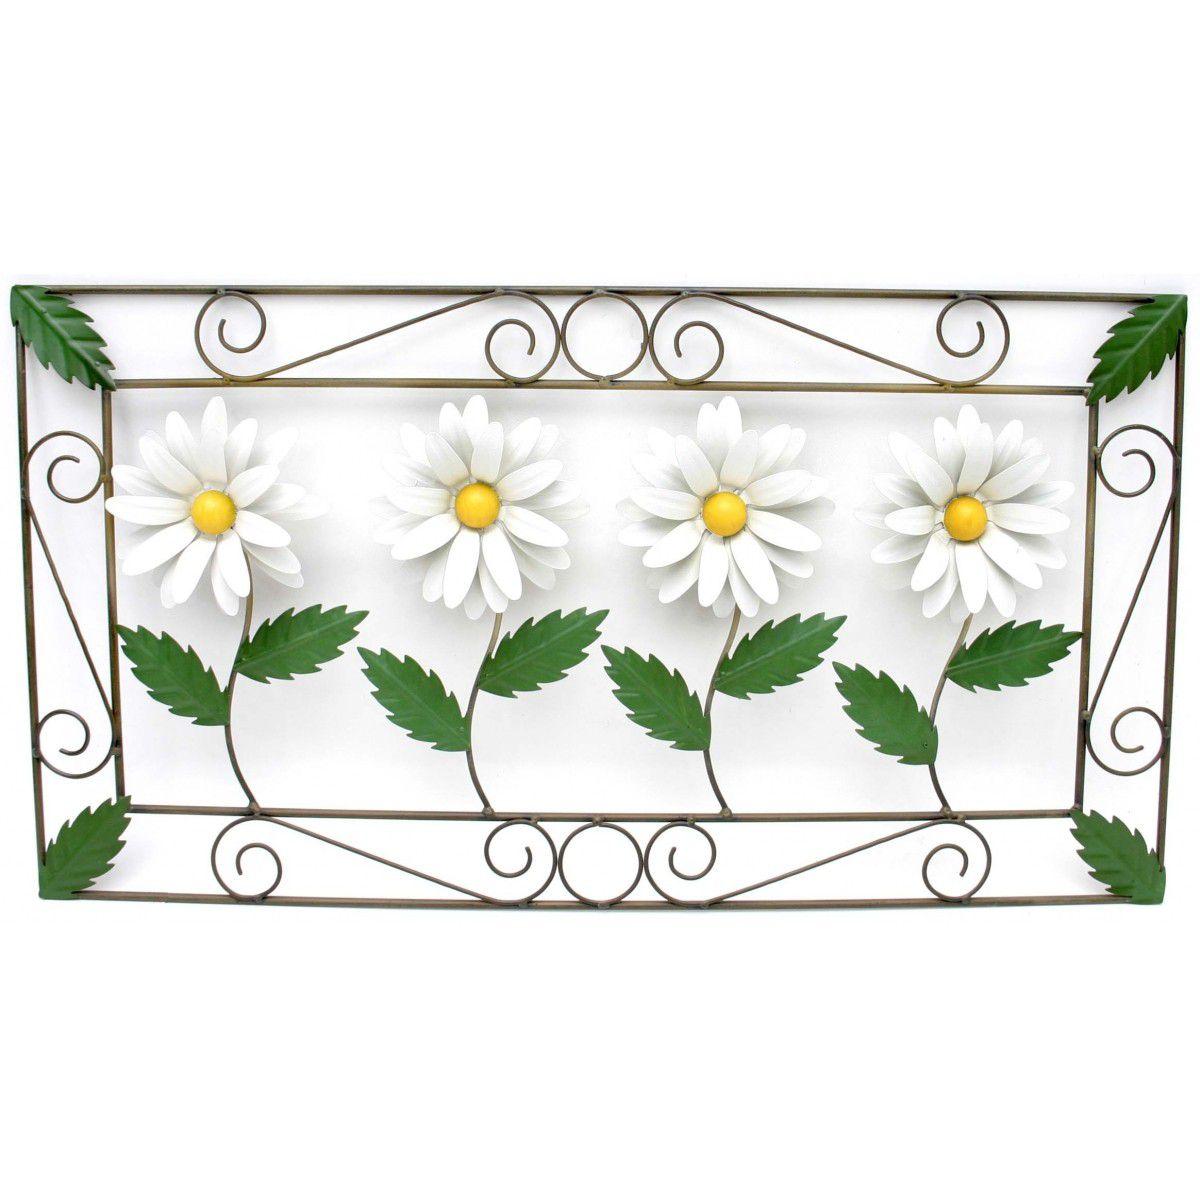 Quadro para Cozinha Rustico com Flores de Ferro Decorativo